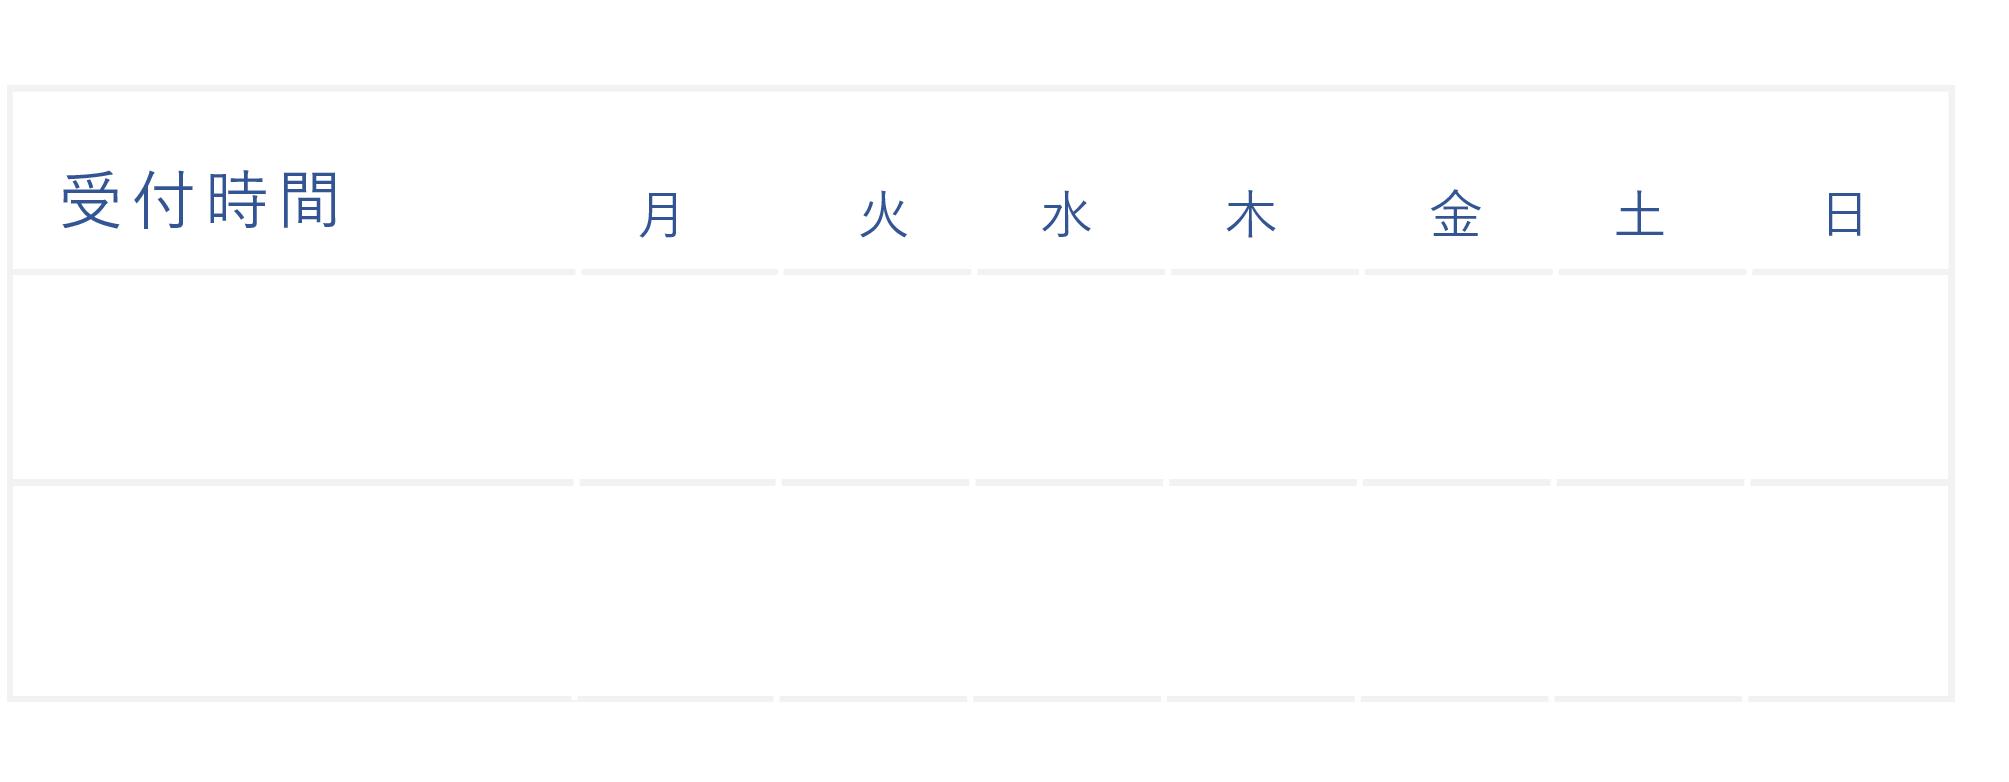 shinryohyo1  1 - 料金・メニュー